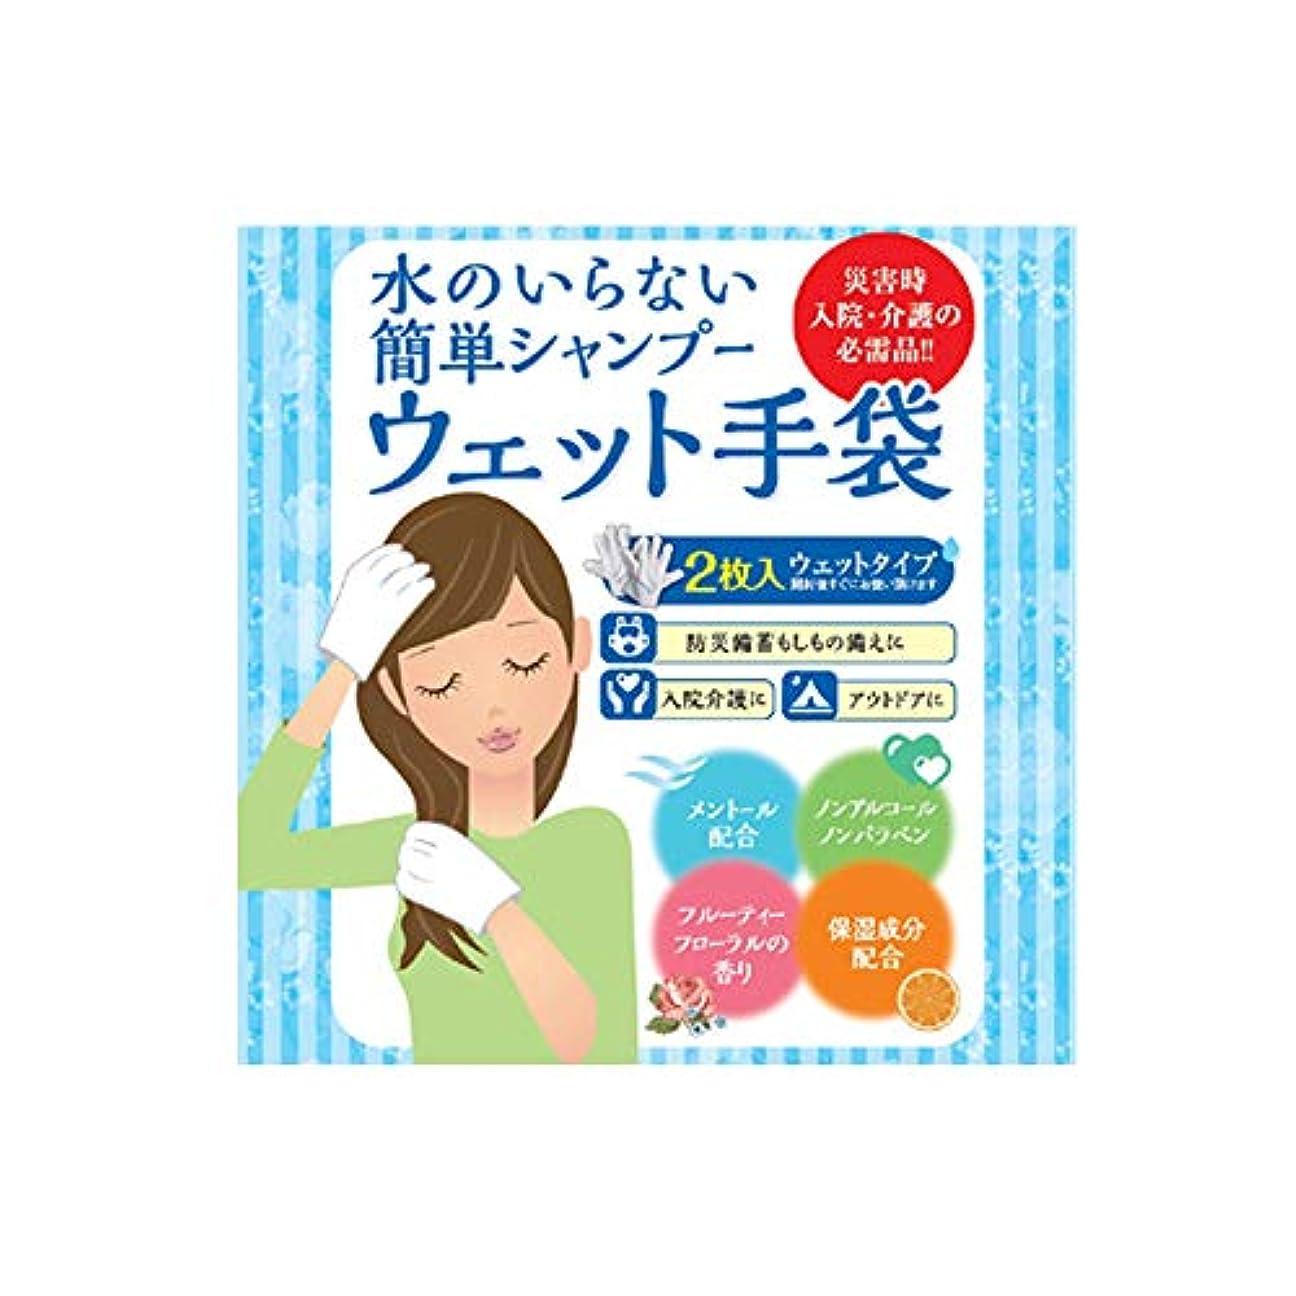 ピグマリオン苦いしっかり四国紙販売株式会社 水のいらない泡なしシャンプー ウェット手袋(2枚入) フルーティーフローラル